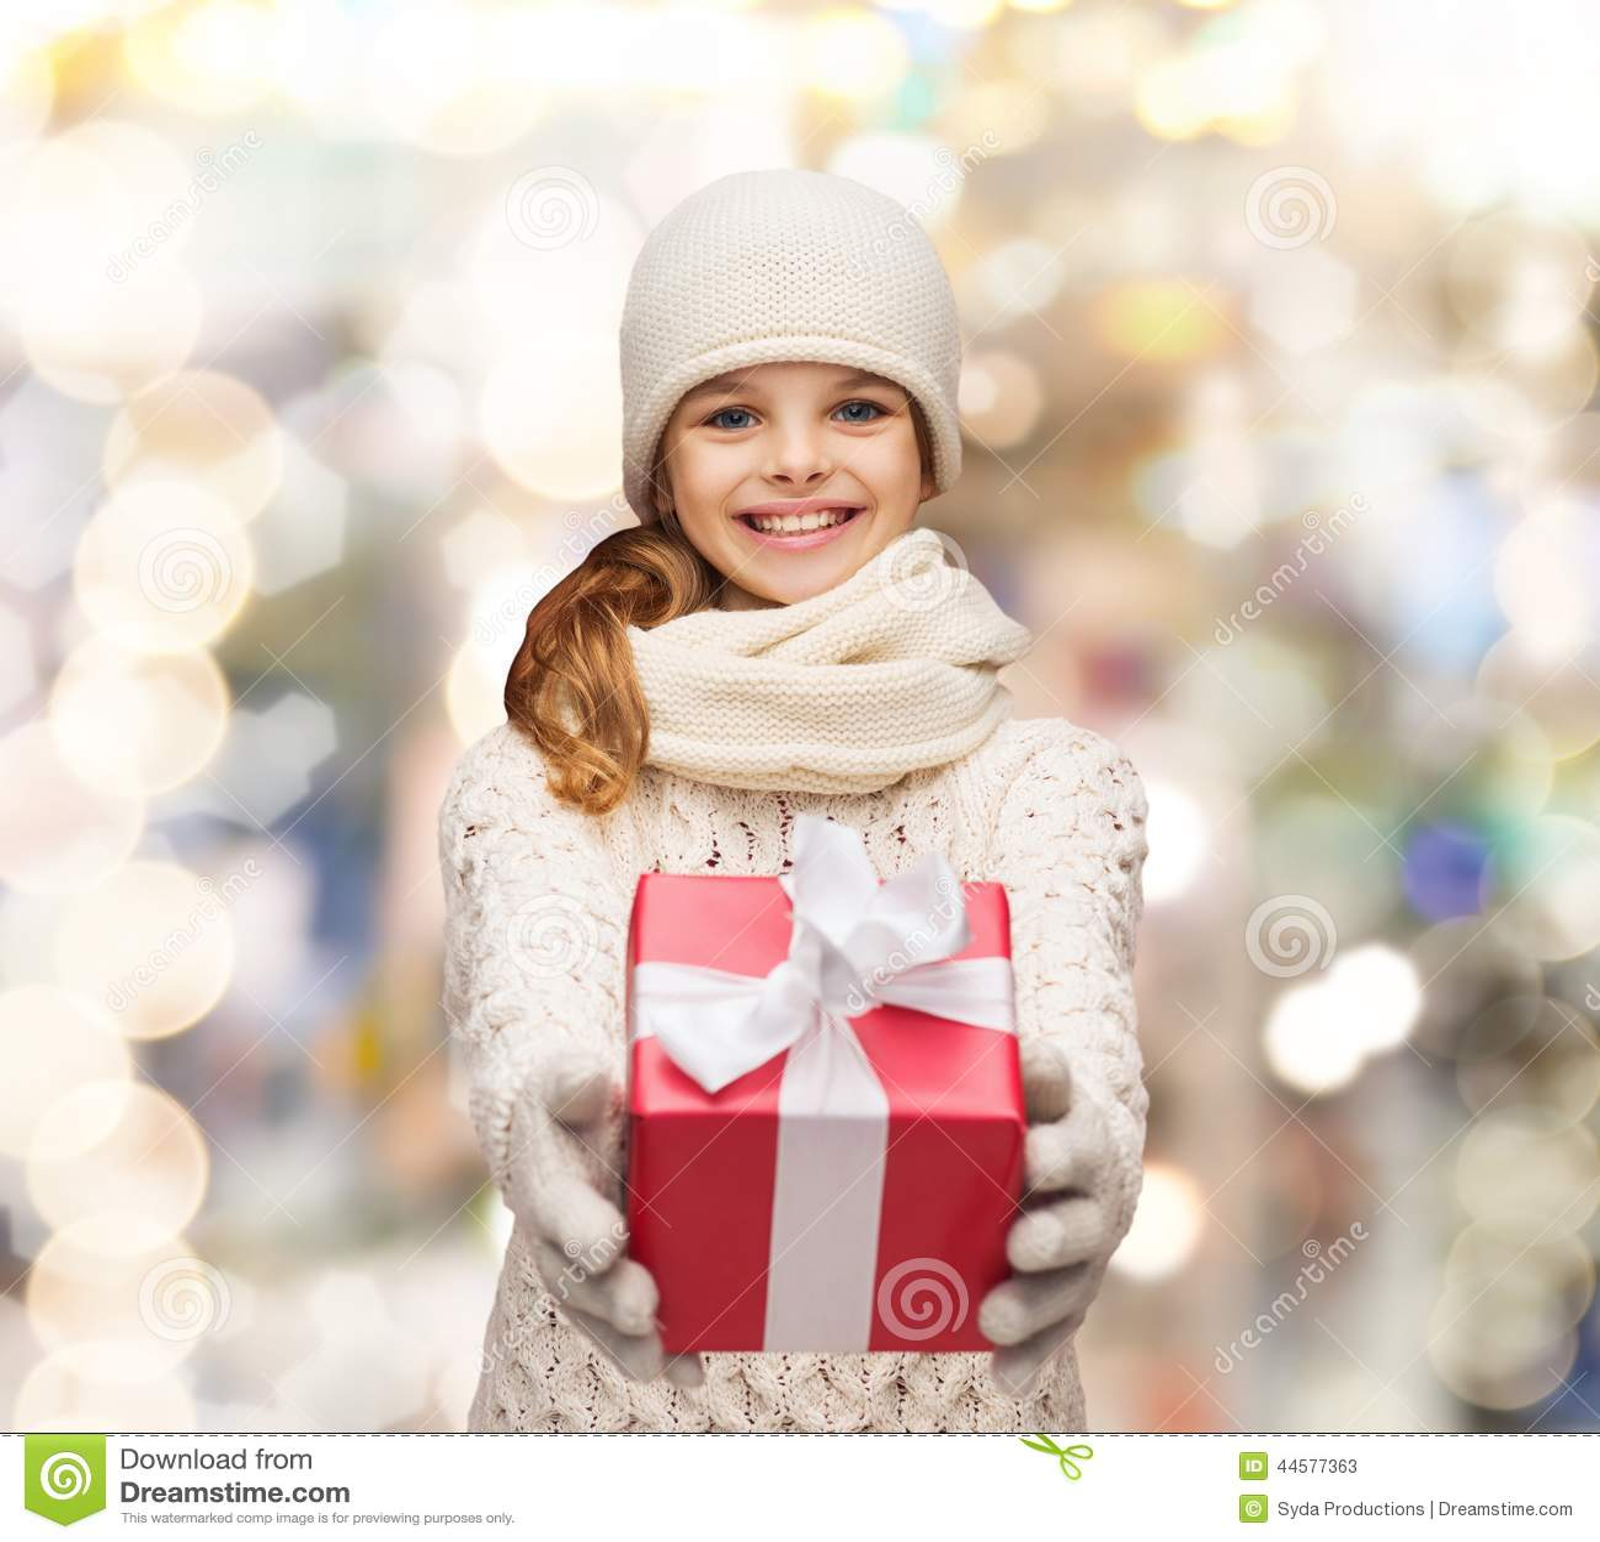 梦中情人在冬天穿衣与礼物盒